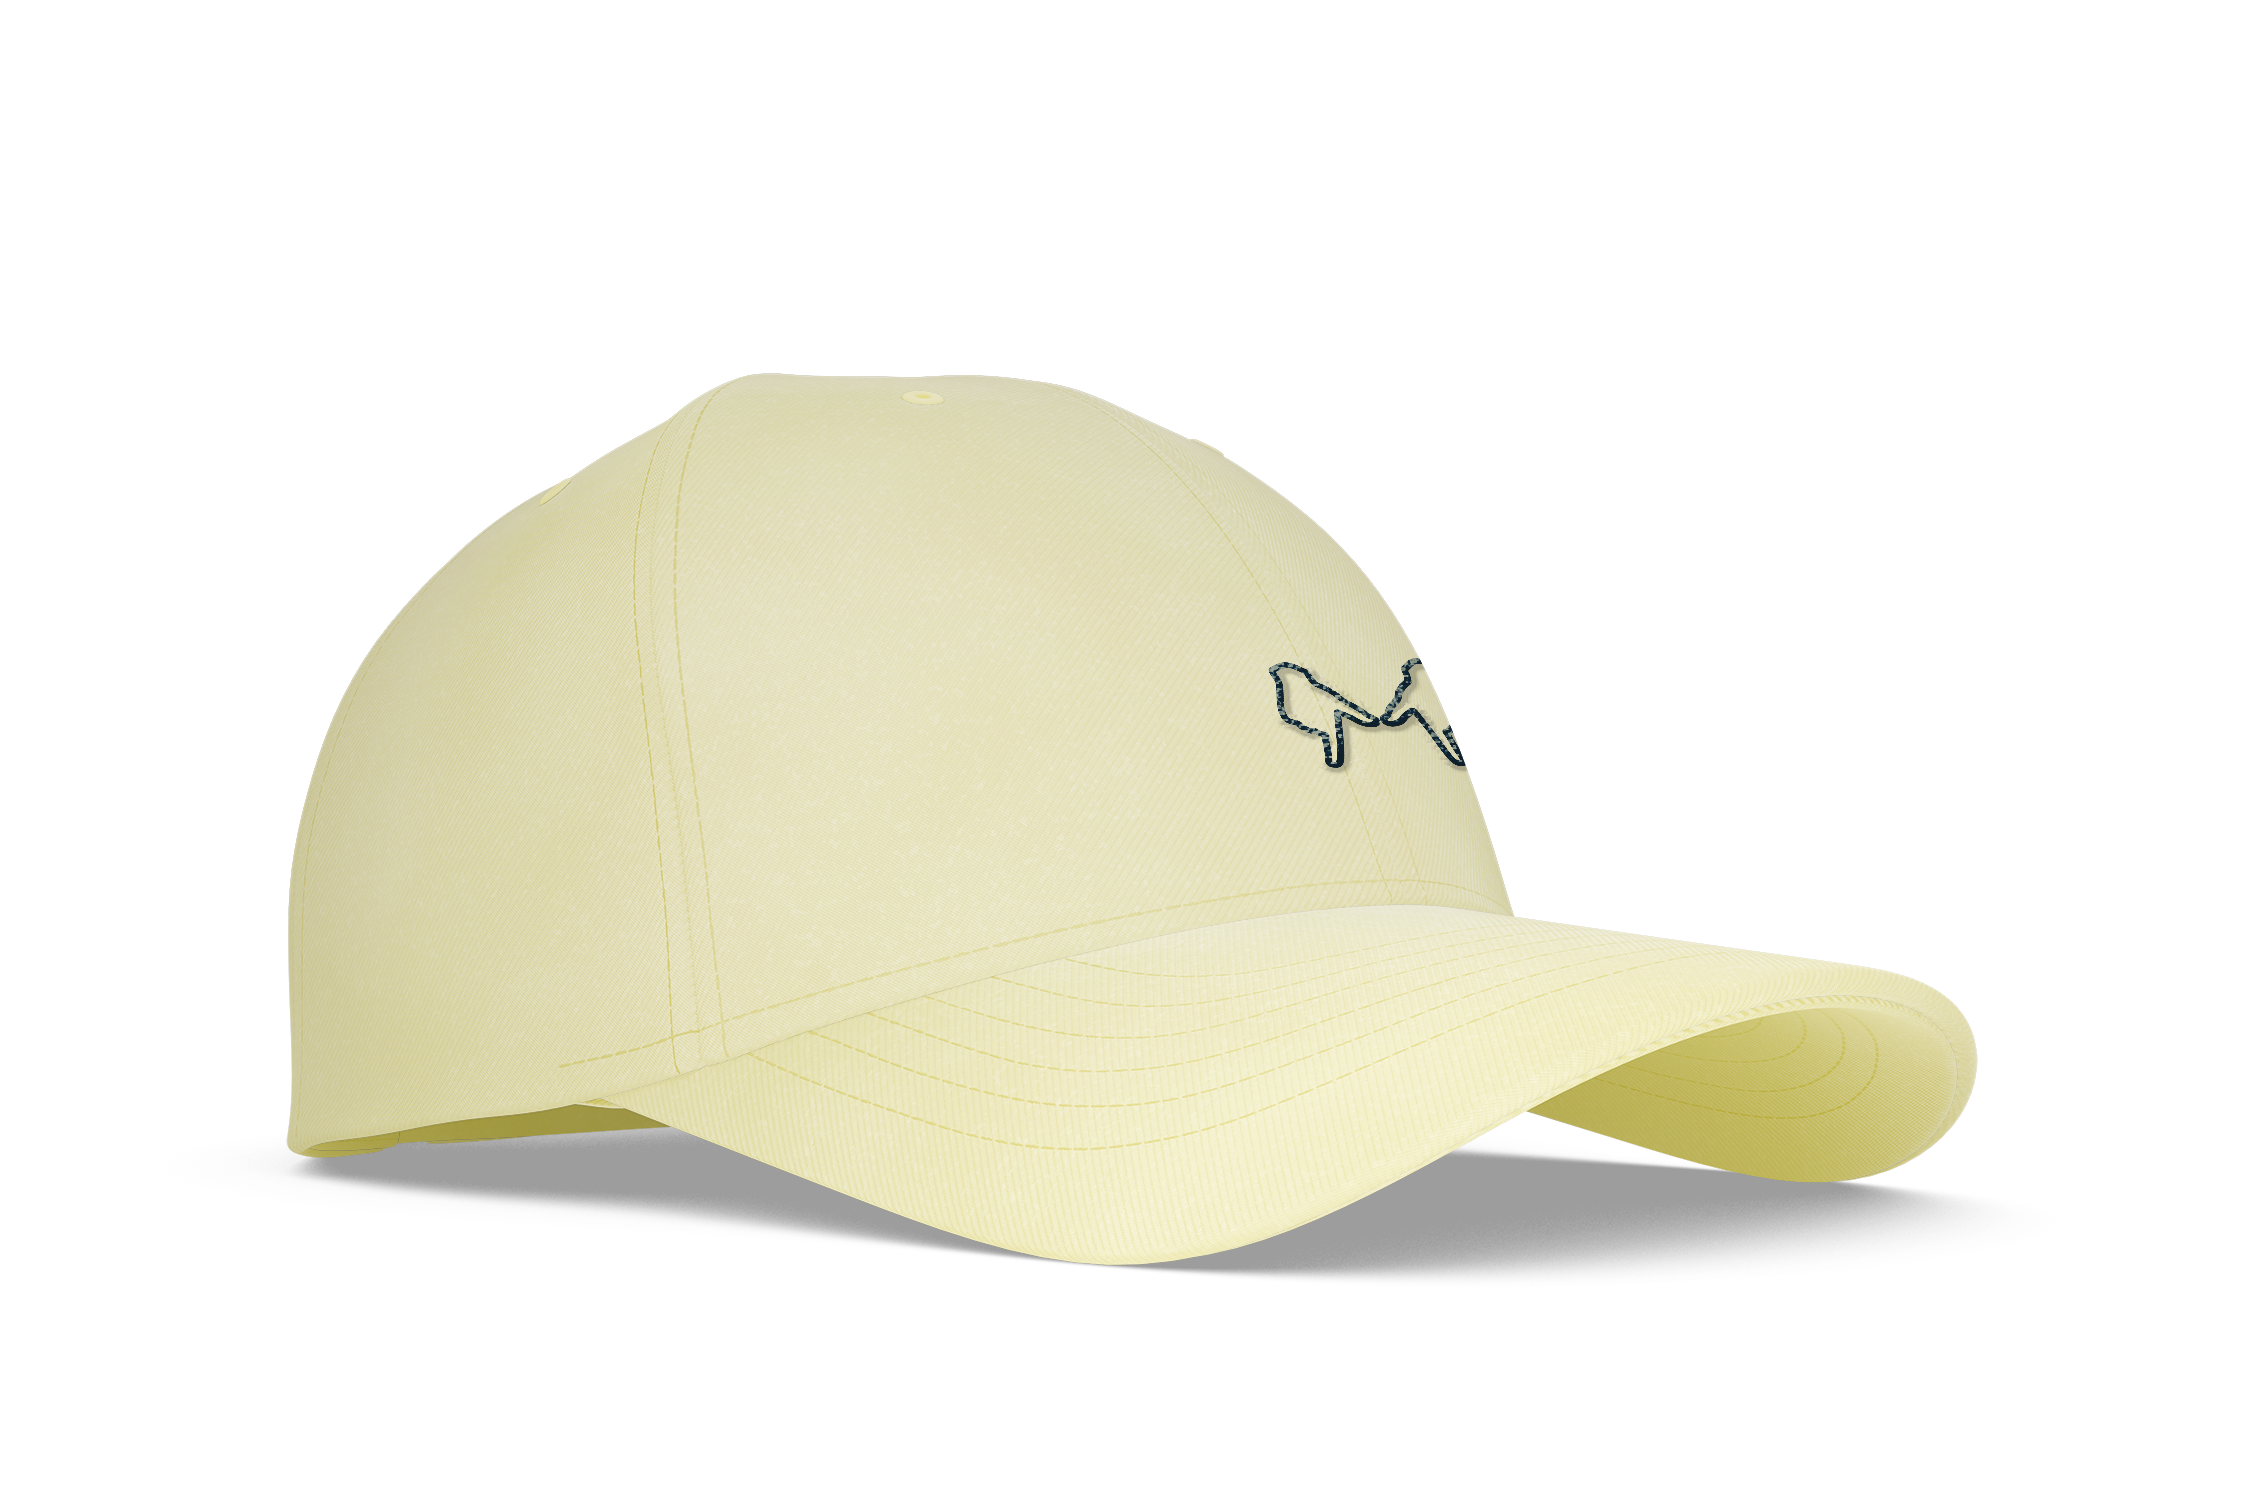 Hat Designs - Photo Mockups - Design 4b.png